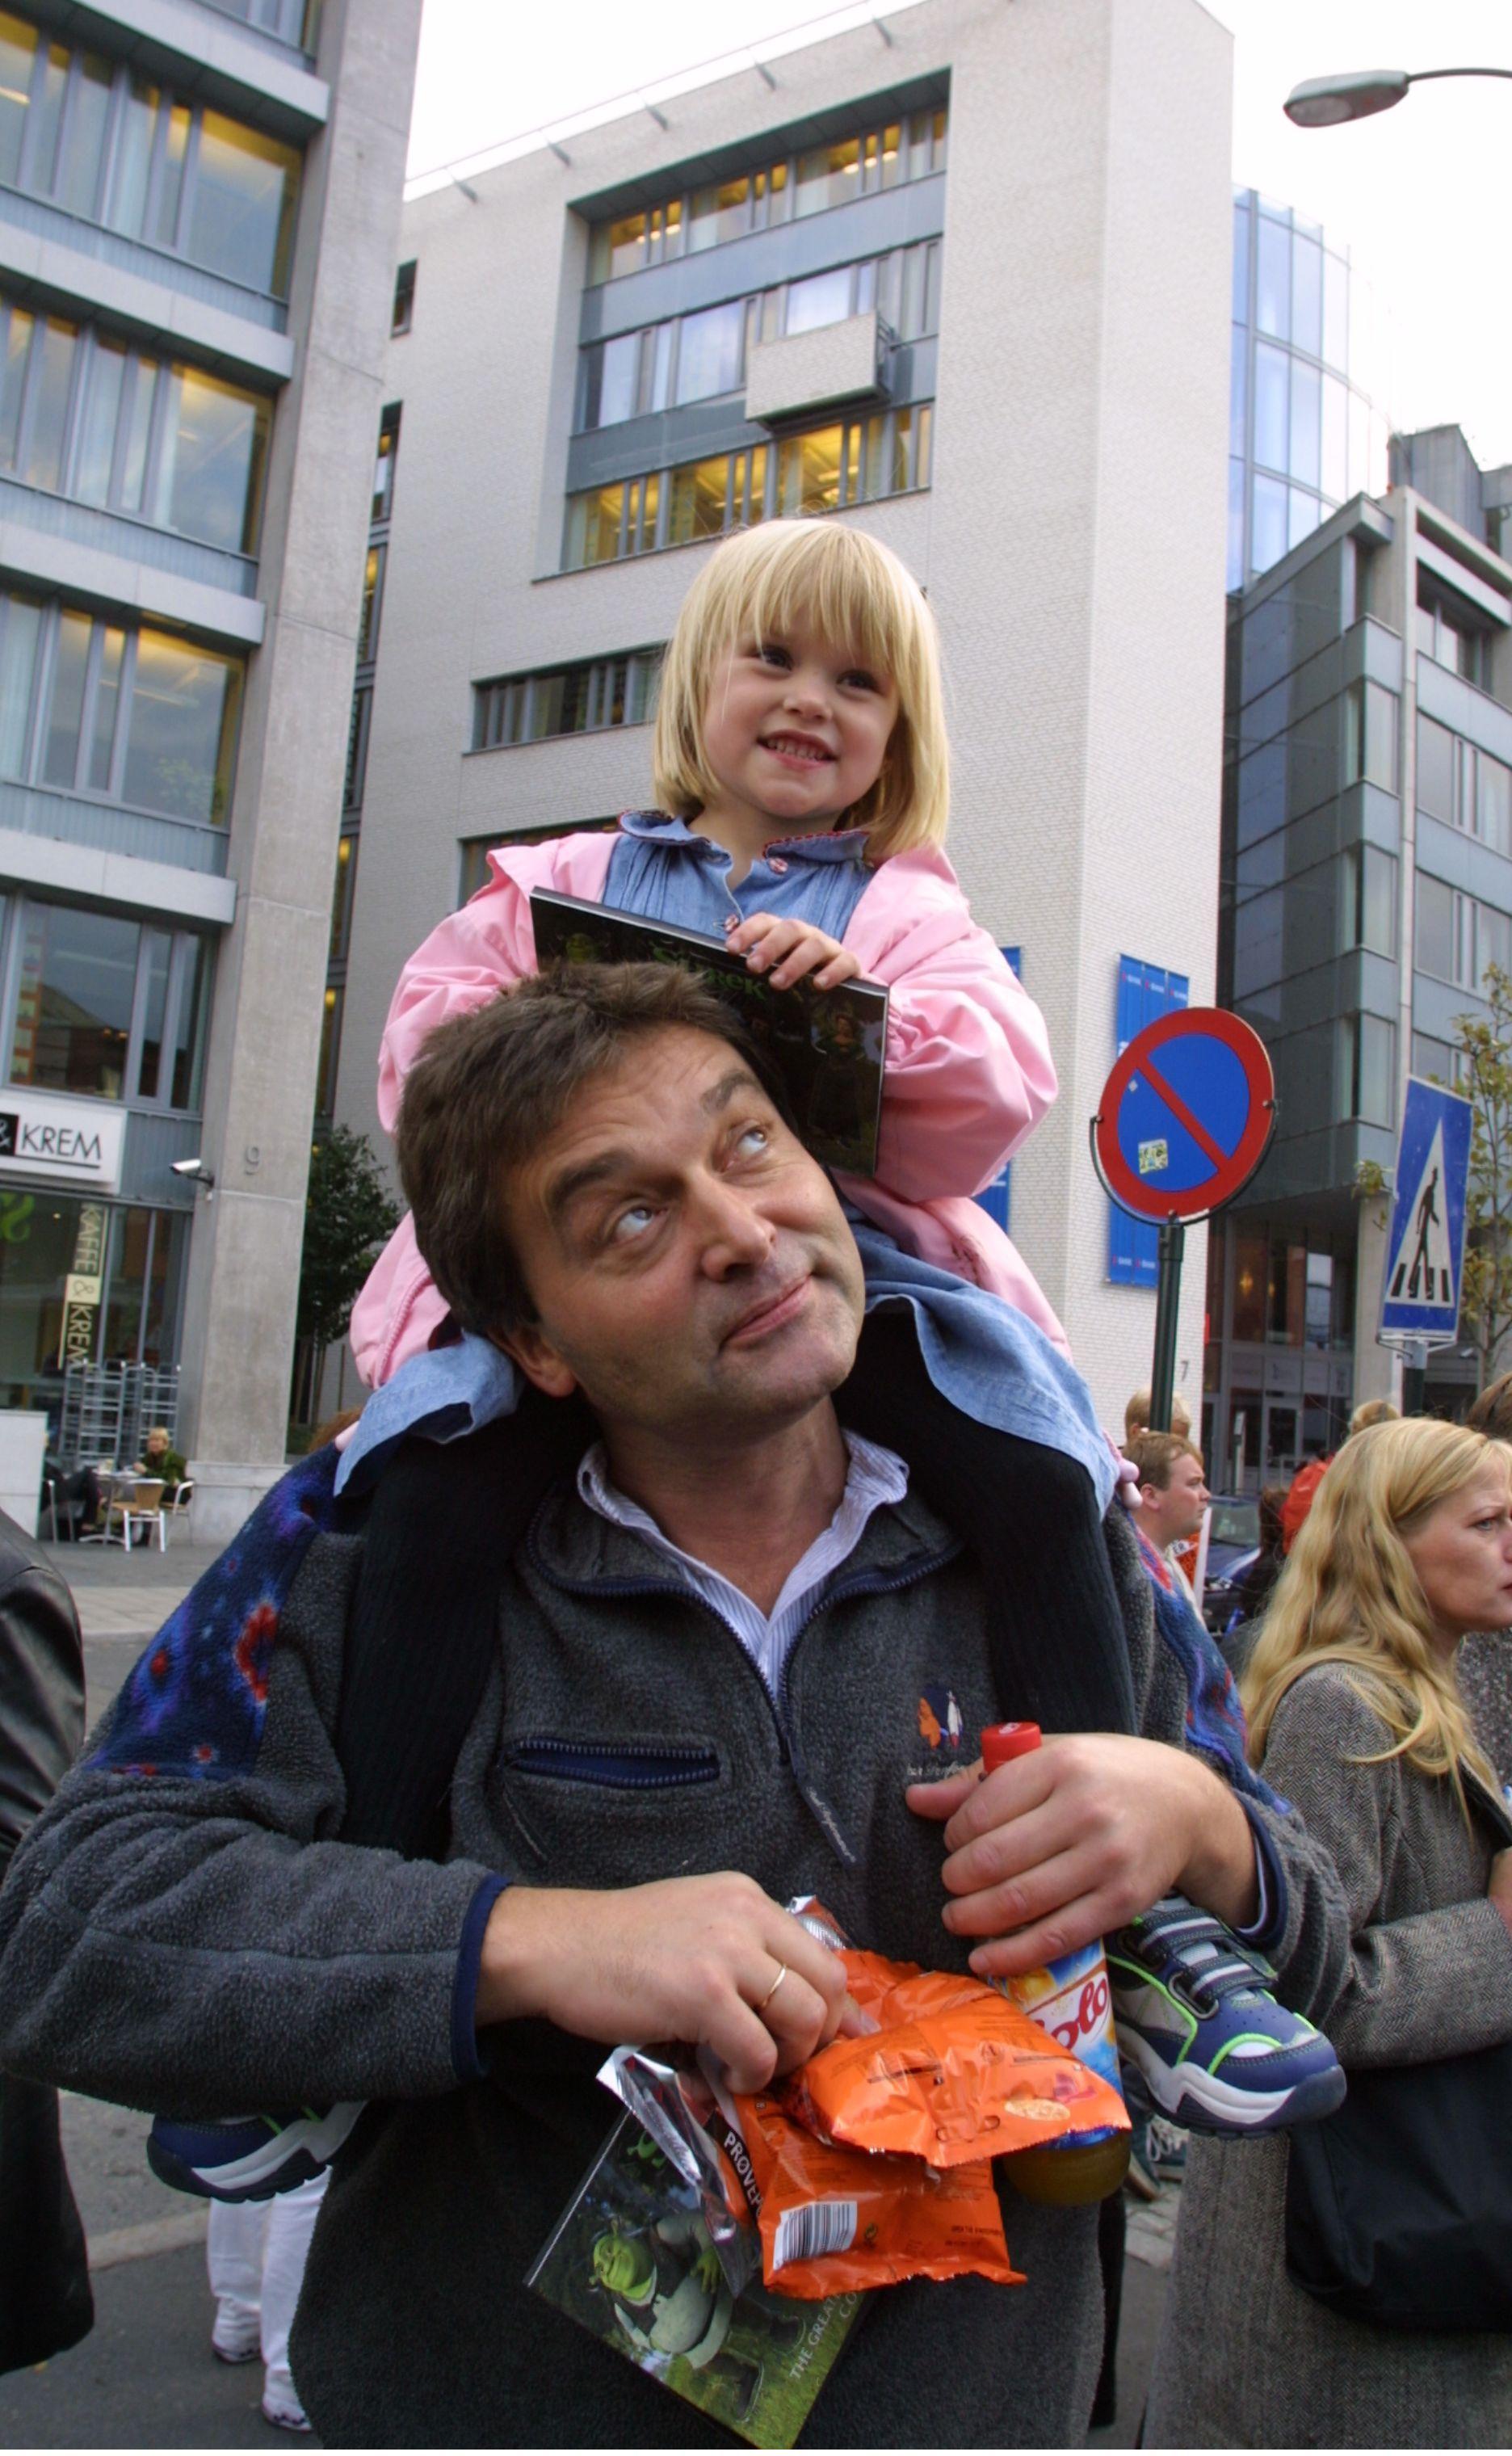 FAMILIEMANN: Tor Andreassen med datteren Nora på skuldrene, på filmpremiere høsten 2001. Foto: JANNE MØLLER-HANSEN